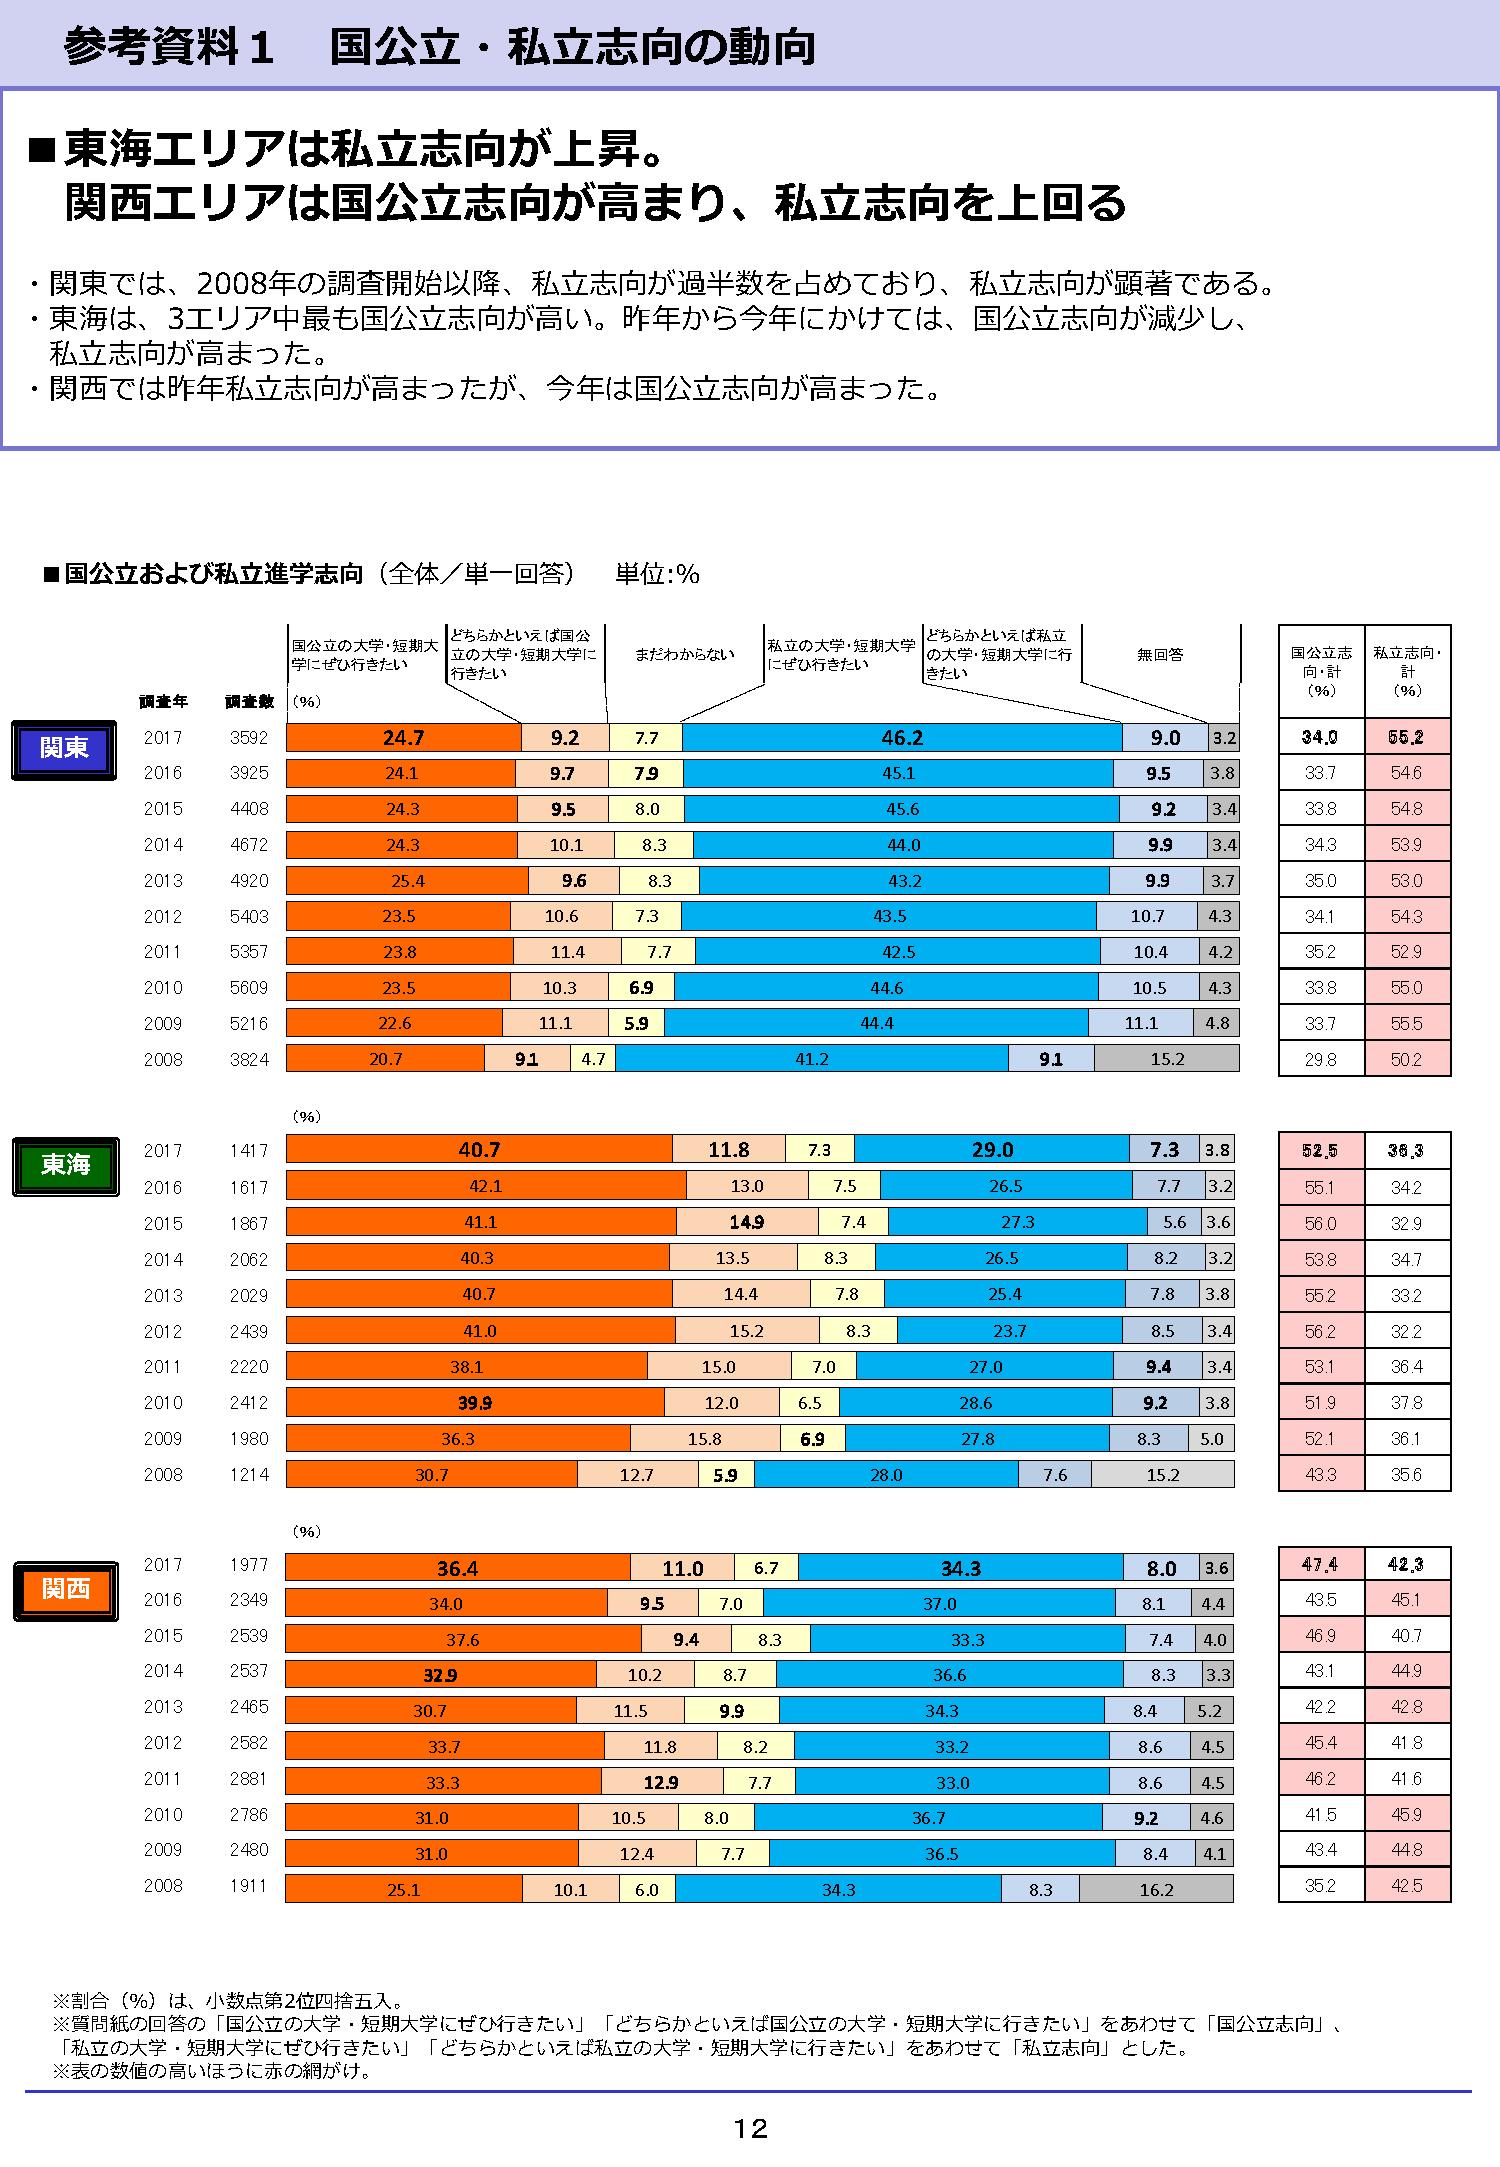 進学ブランド力調査2017に見る地域差